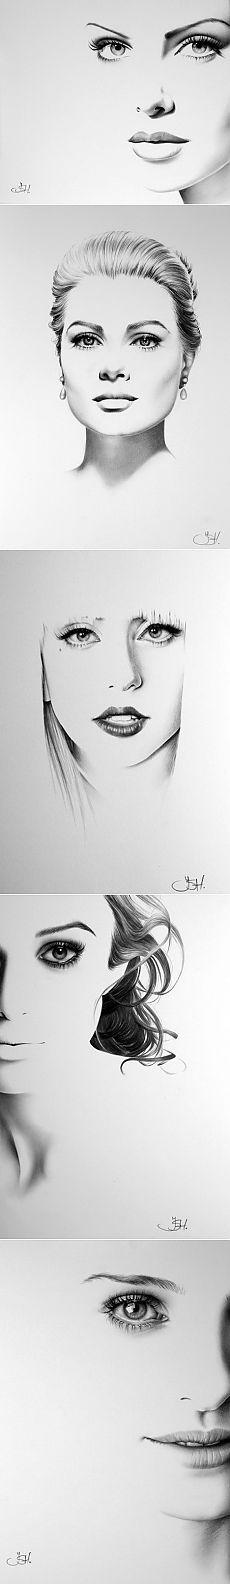 Портреты знаменитостей, нарисованные простым карандашом  от Илеаны Хантер (Ileana Hunter)